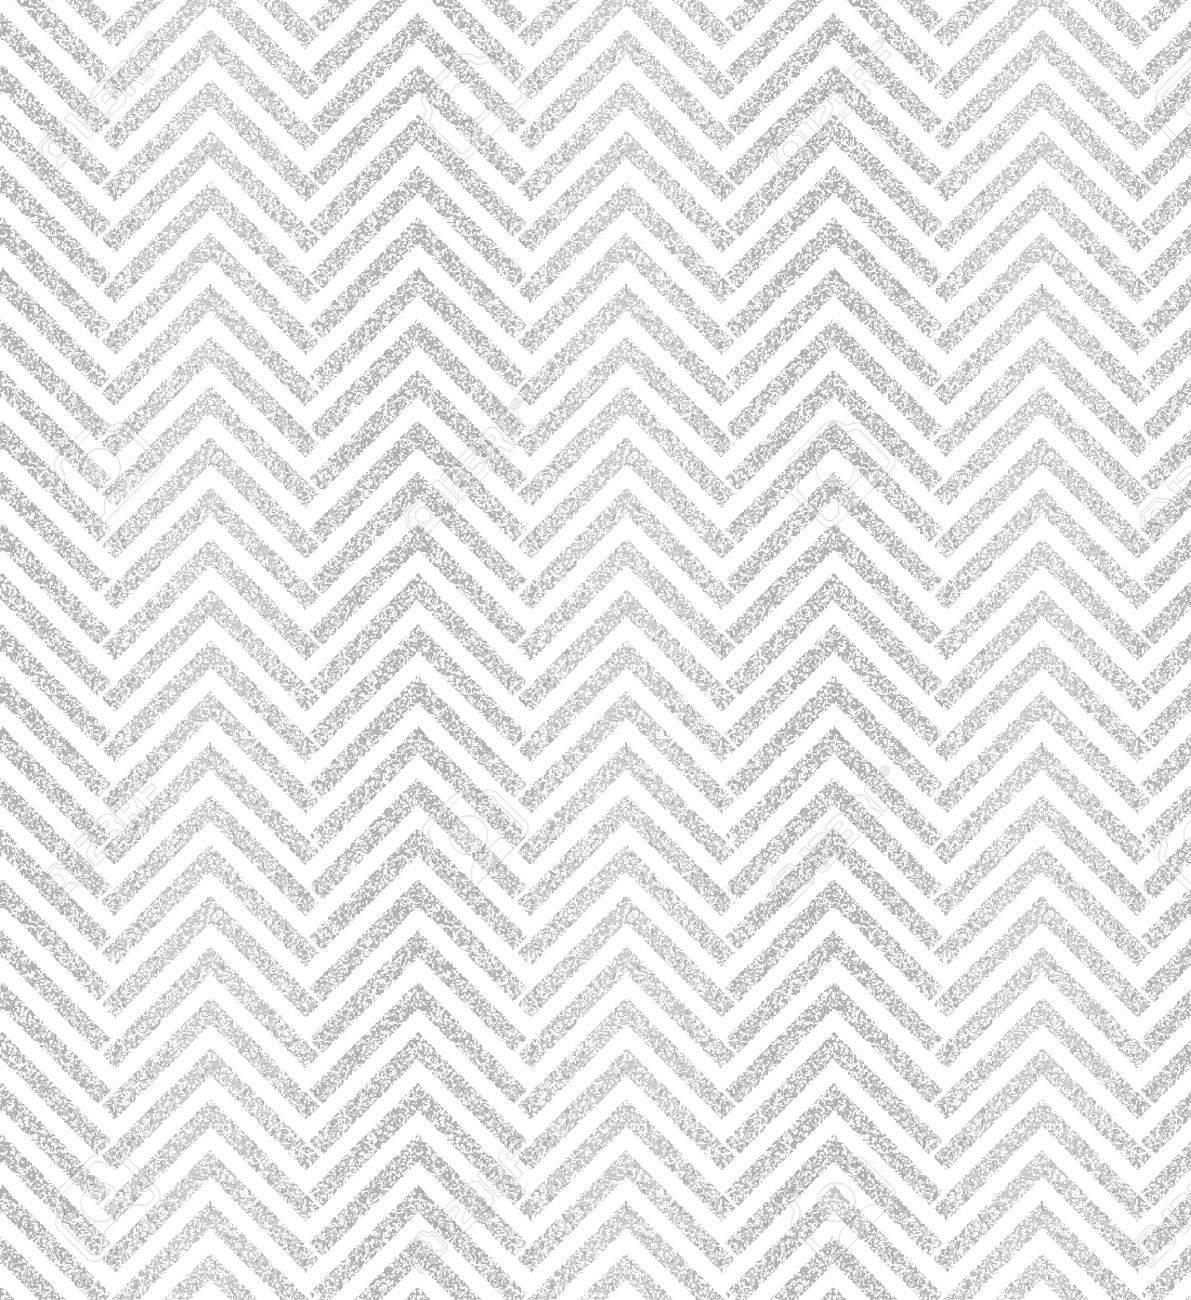 grau zick-zack-grunge-hintergrund. grau fischgrätmuster lizenzfrei